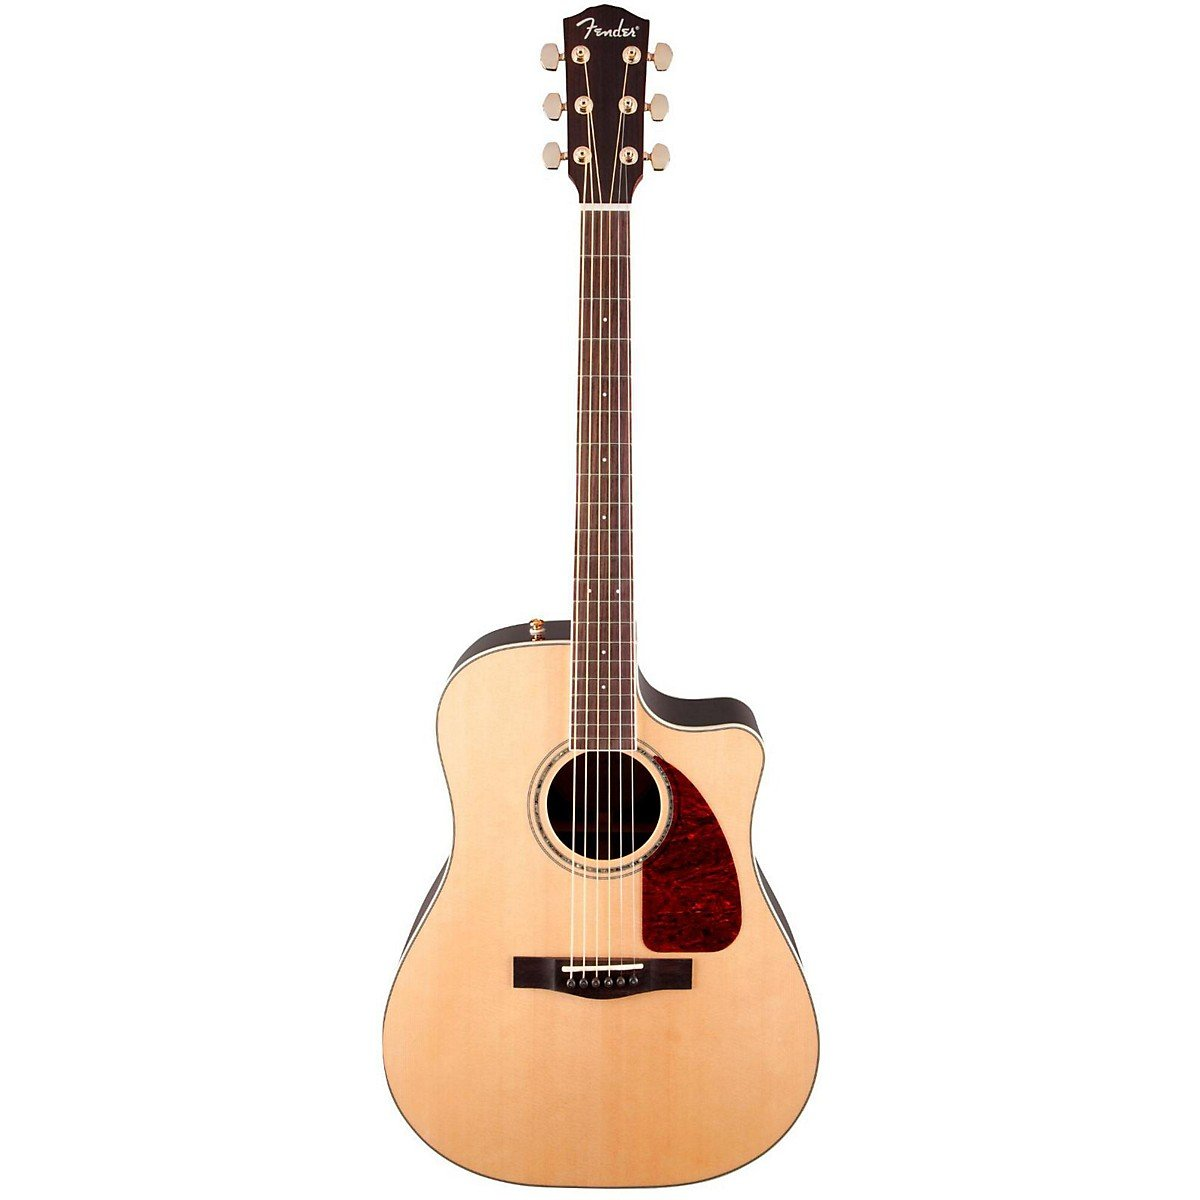 Fender guitarra eléctrica acústica cd-320asrwce: Amazon.es ...